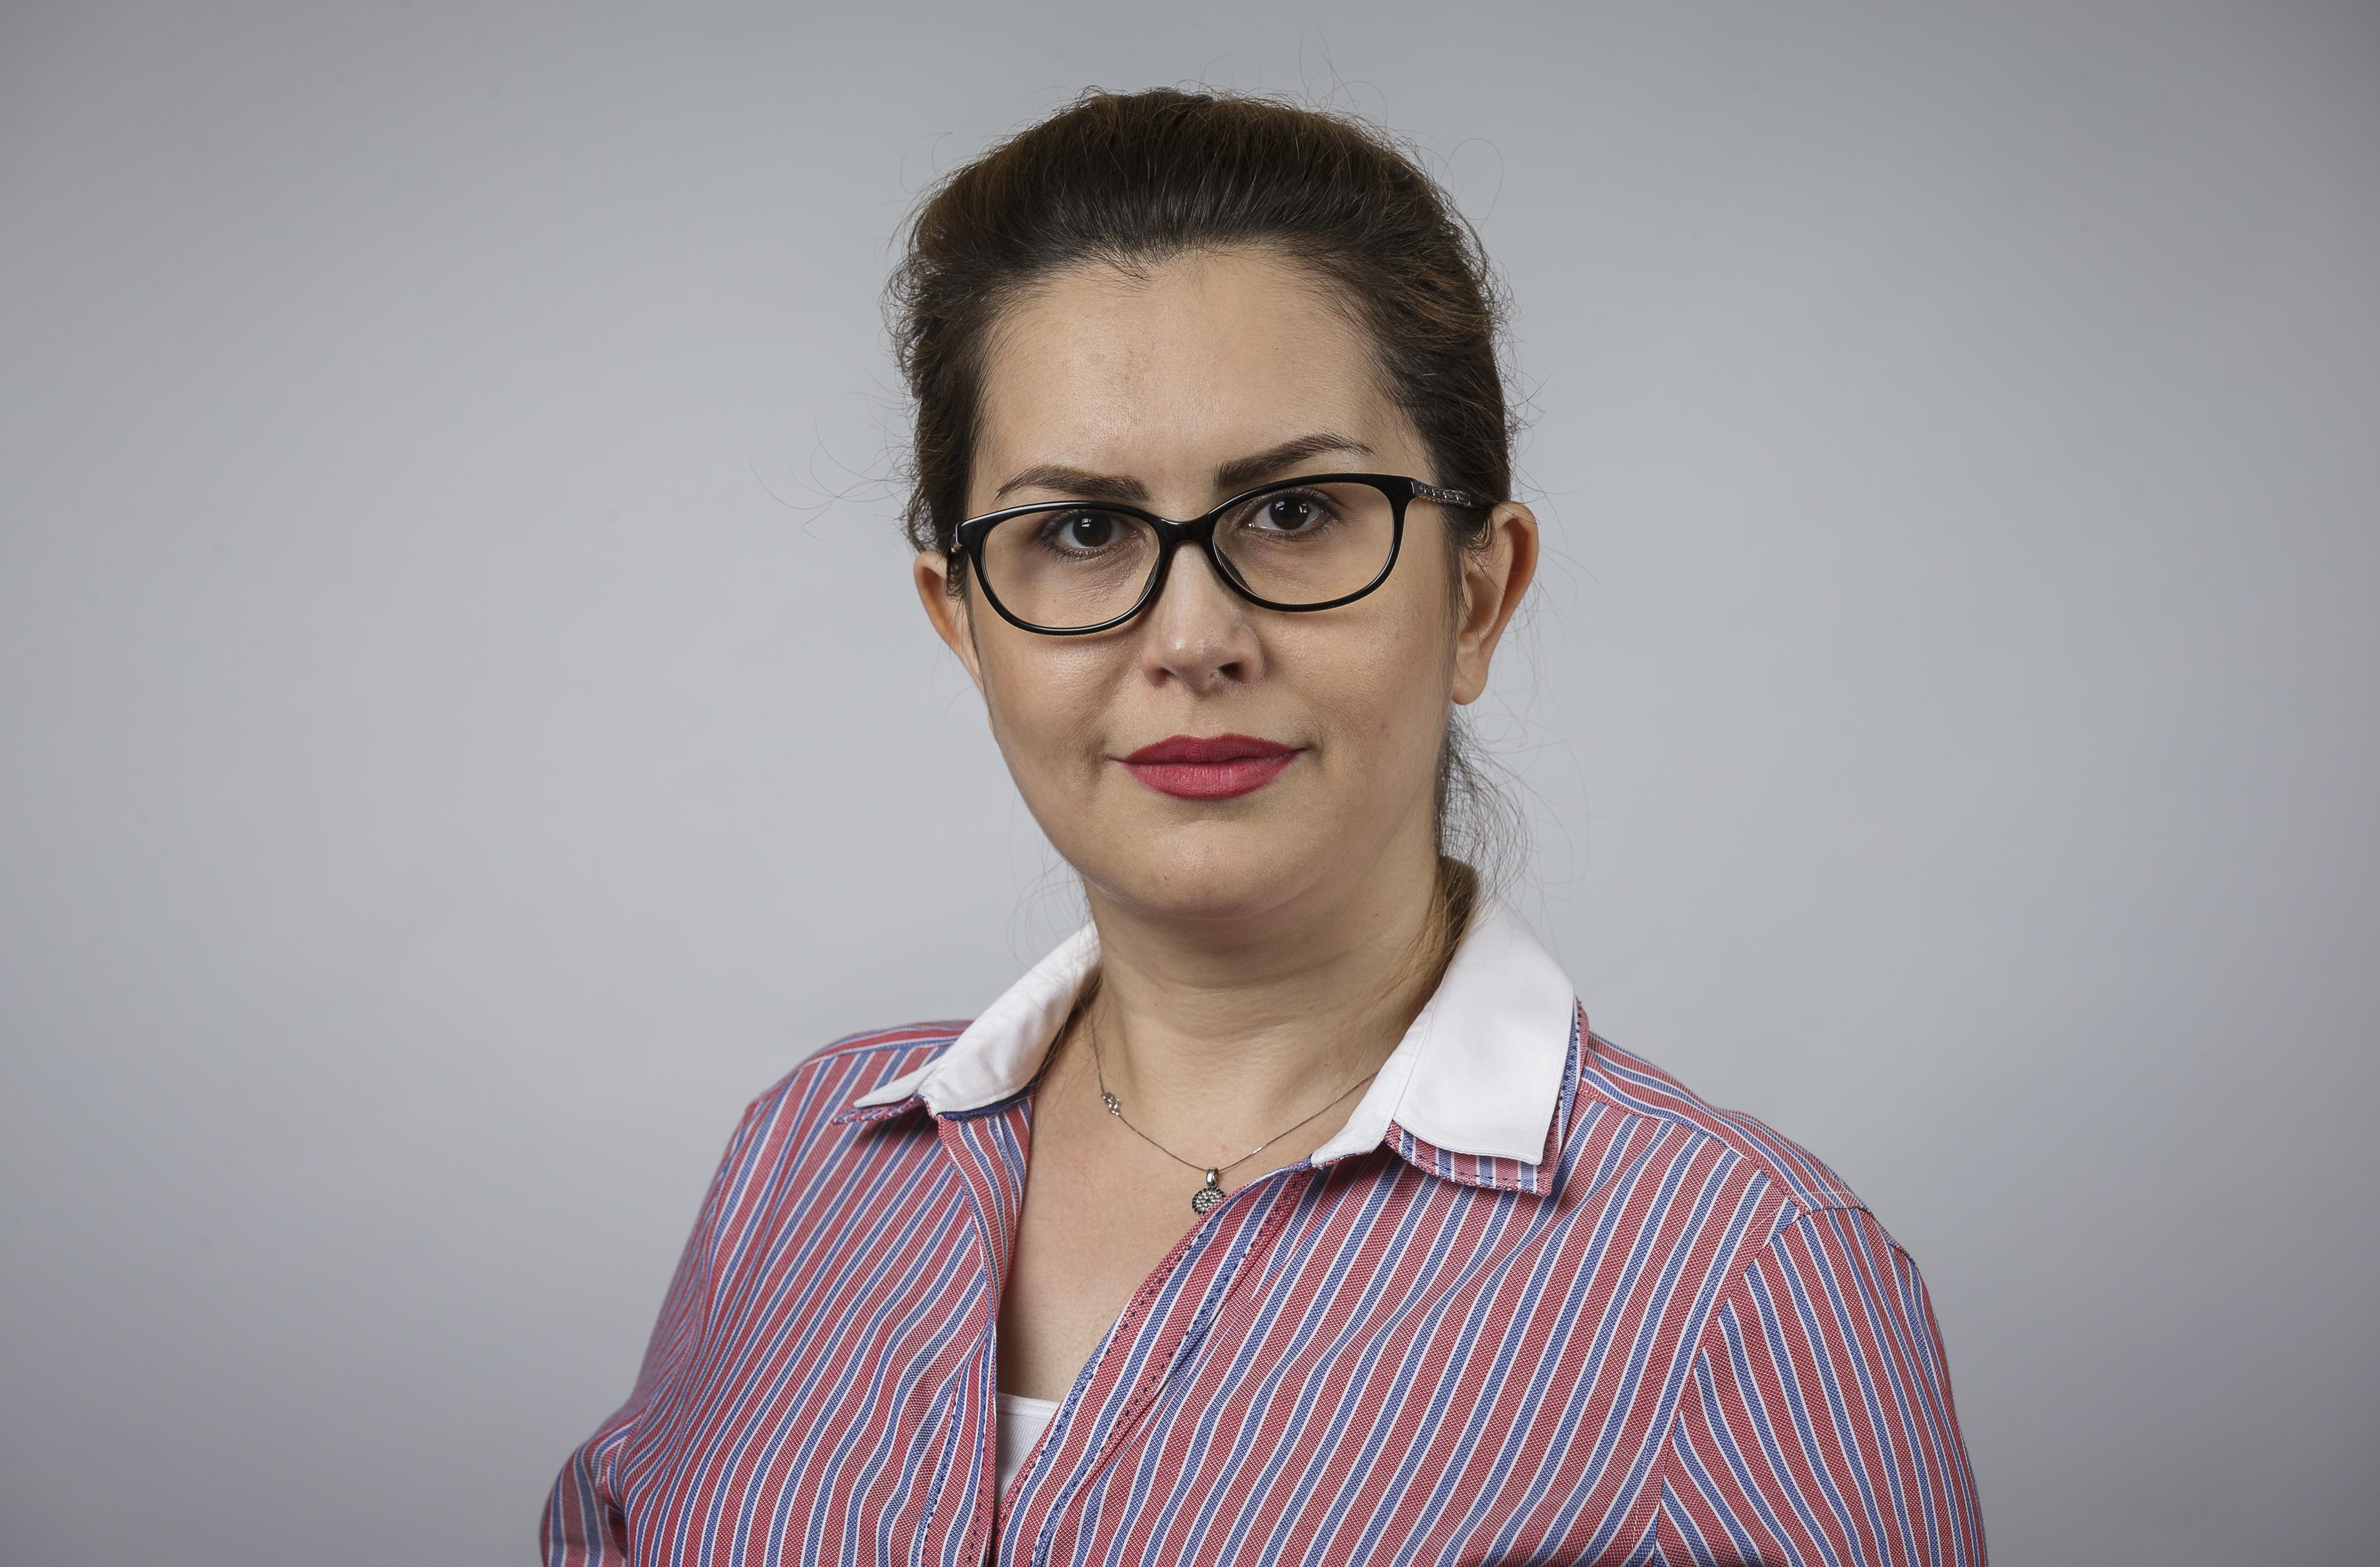 Samira Afshari